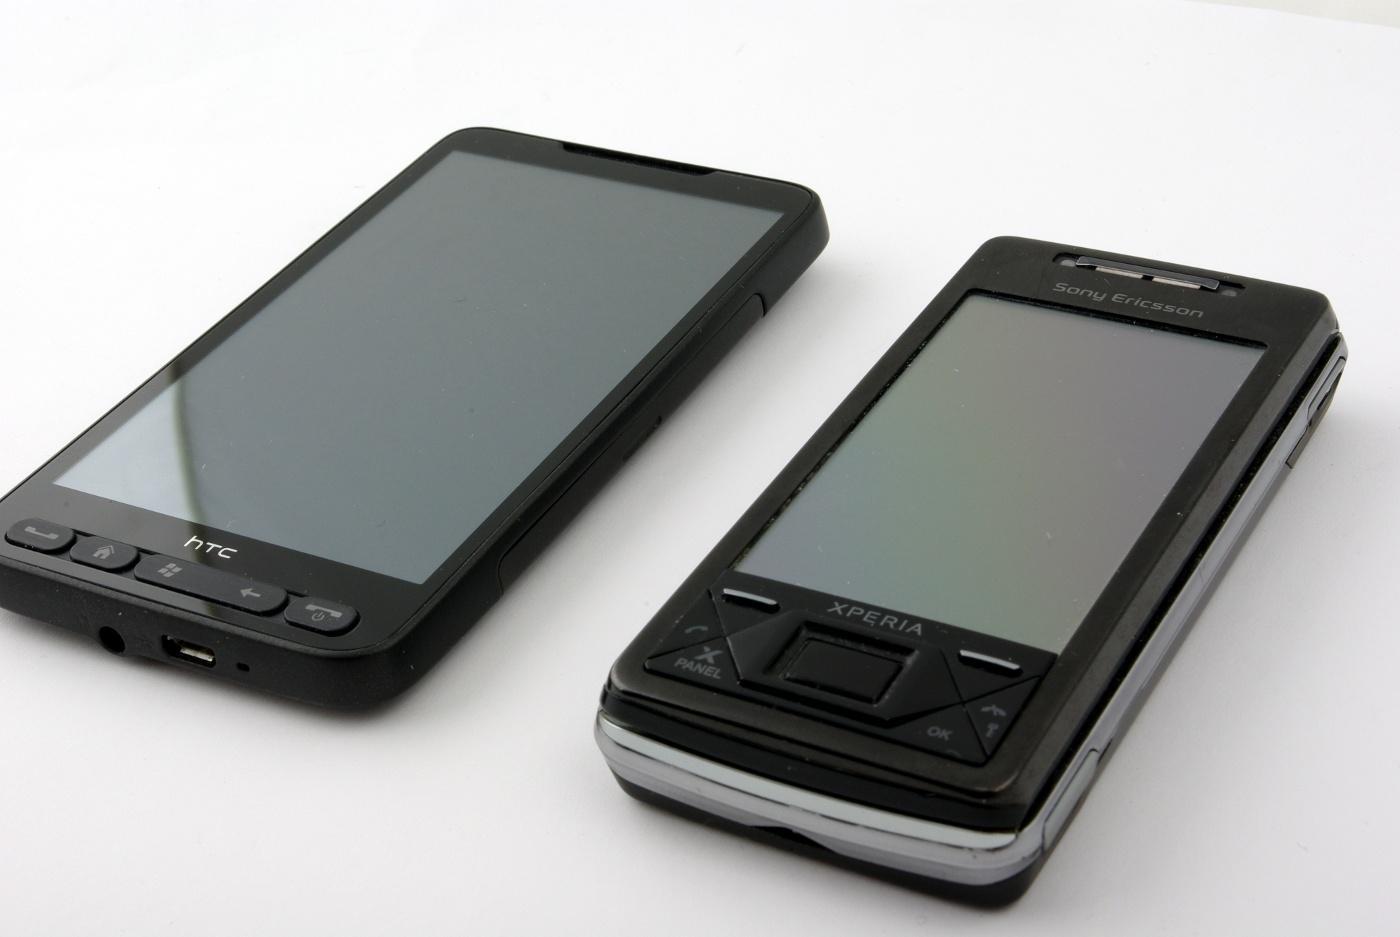 Nærmer vi oss slutten for Windows Mobile-telefoner? (Foto: Einar Eriksen)